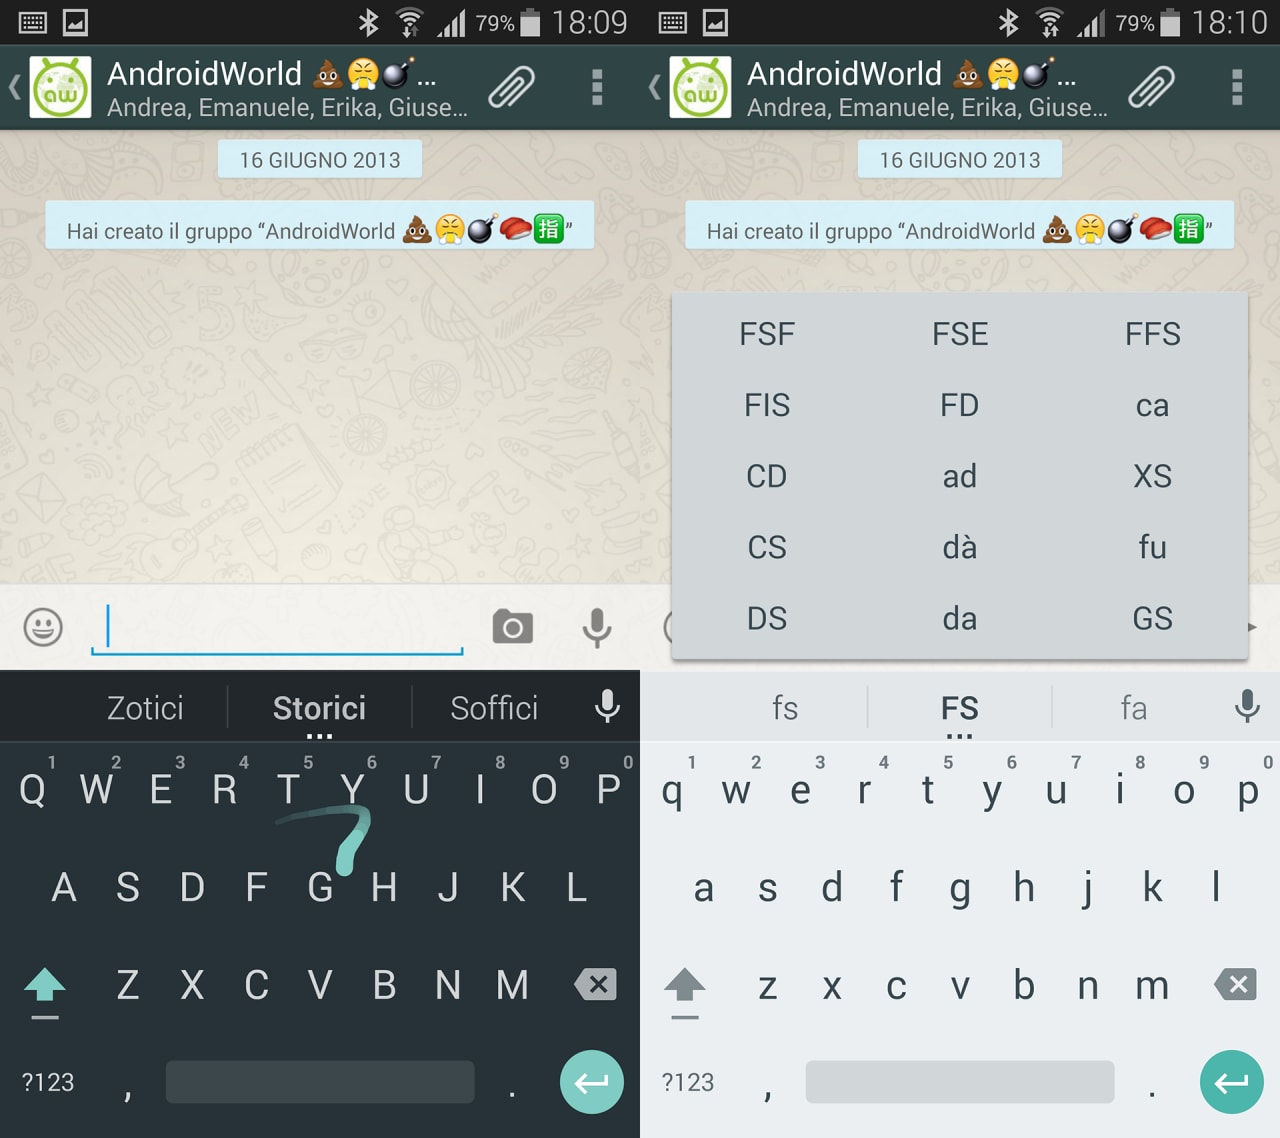 Tastiera Google si aggiorna alla versione 4.0 in Material Design (foto e download apk)